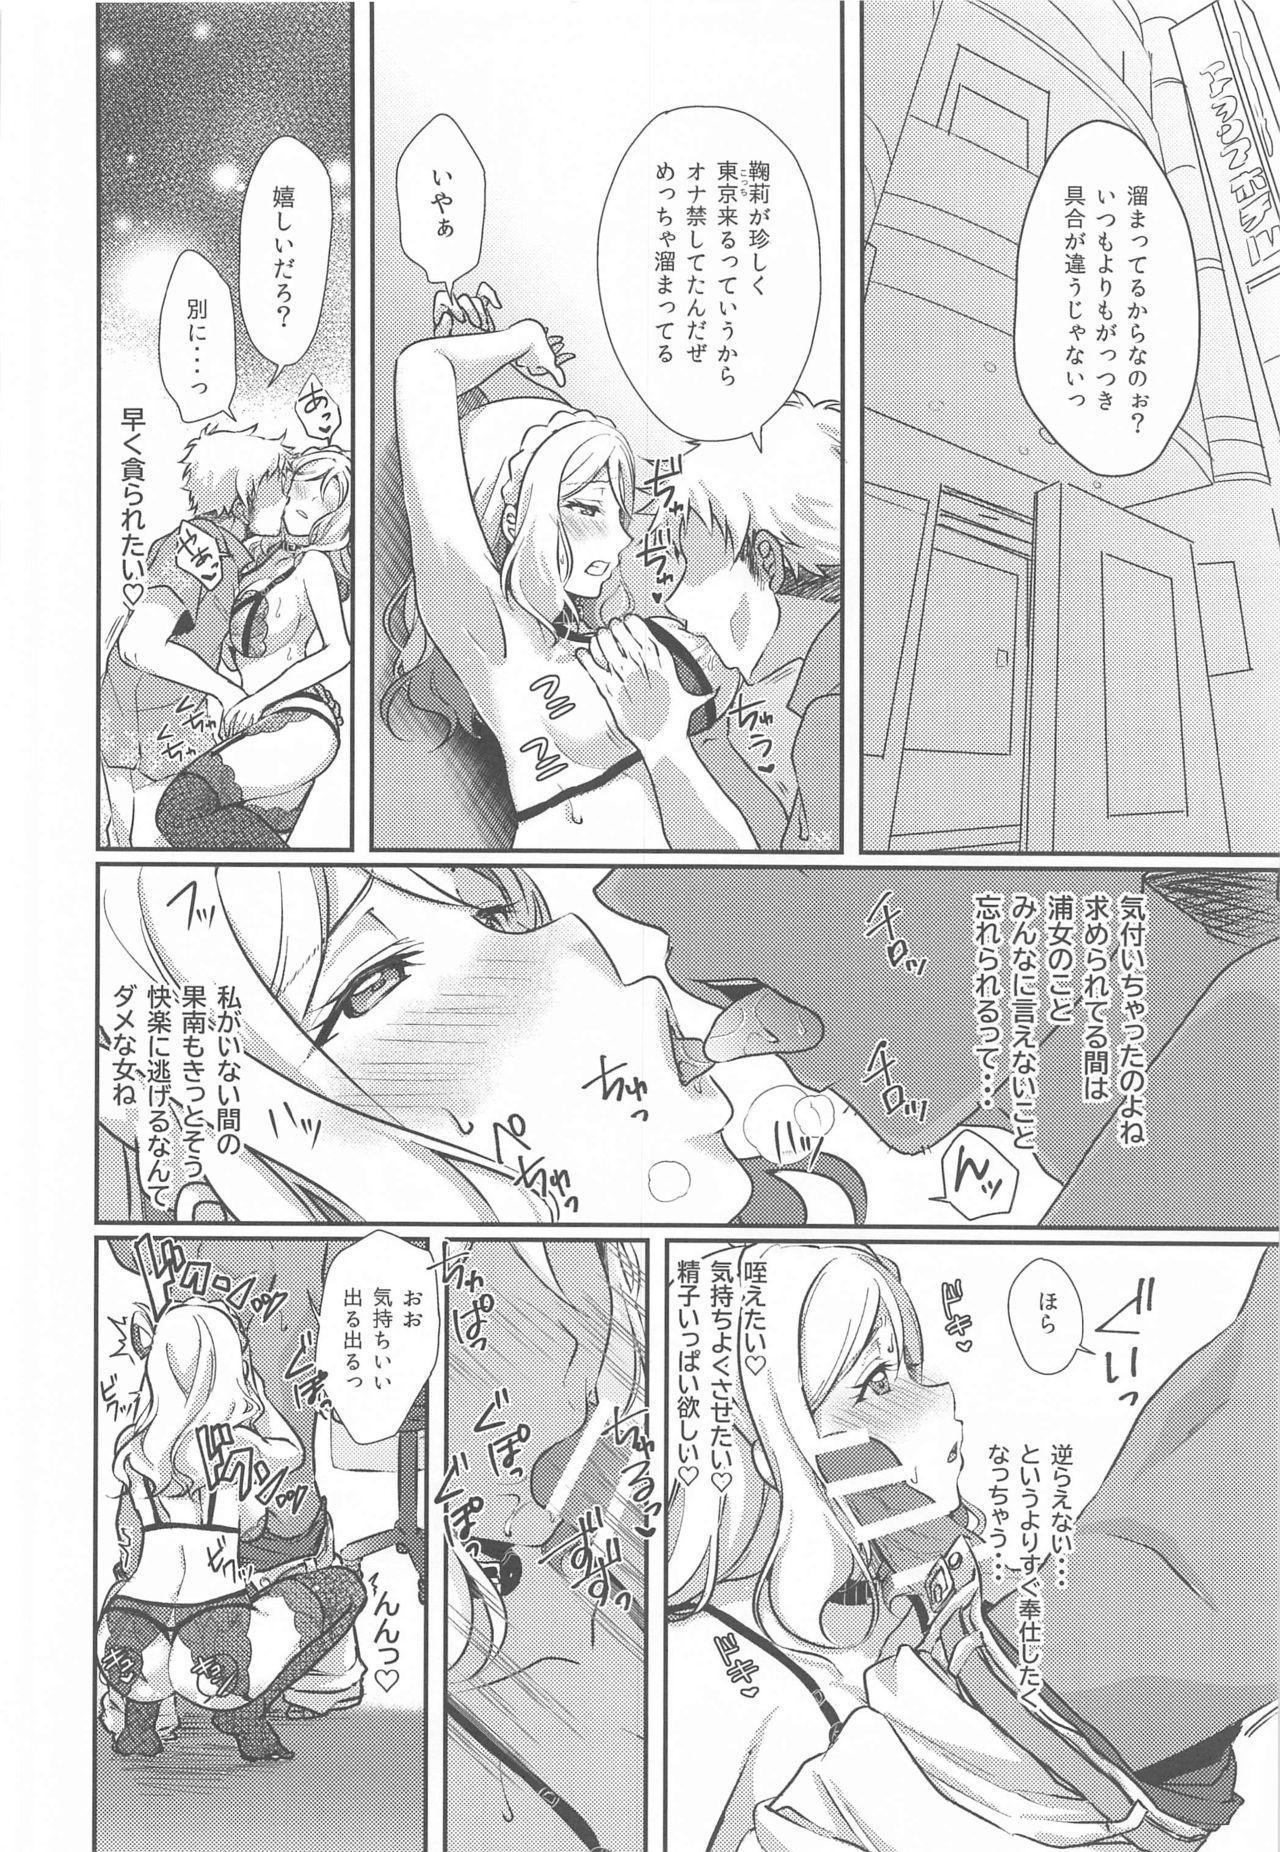 Senjou no Cinderella 3 24